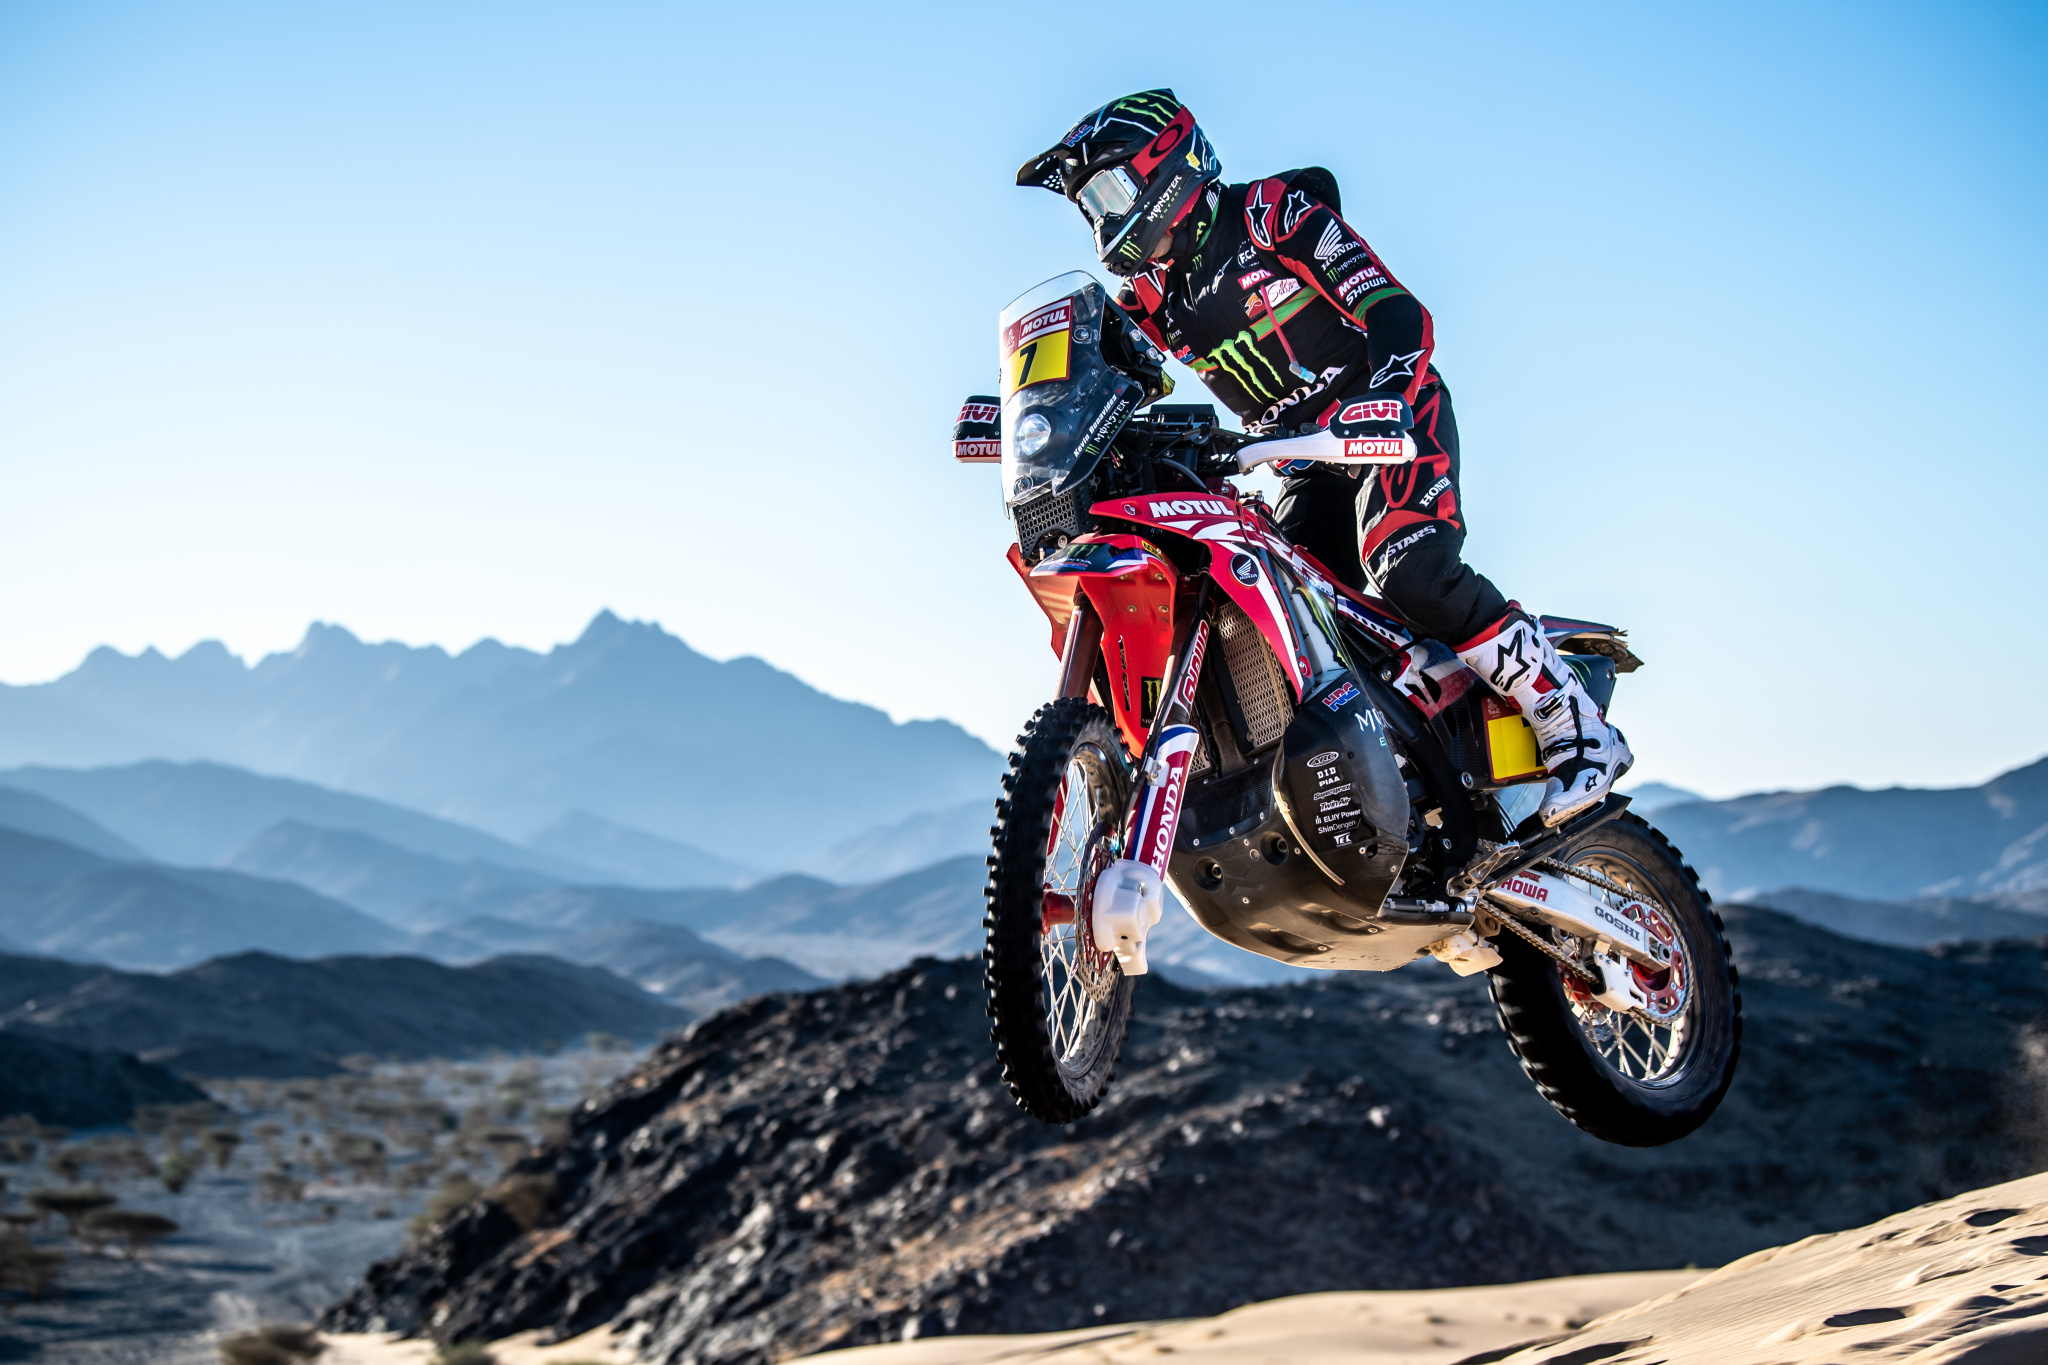 Dakar 2020 mit dem Sportfotografen Marian Chytka: Das nächste Mal möchte ich meinen eigenen Hubschrauber